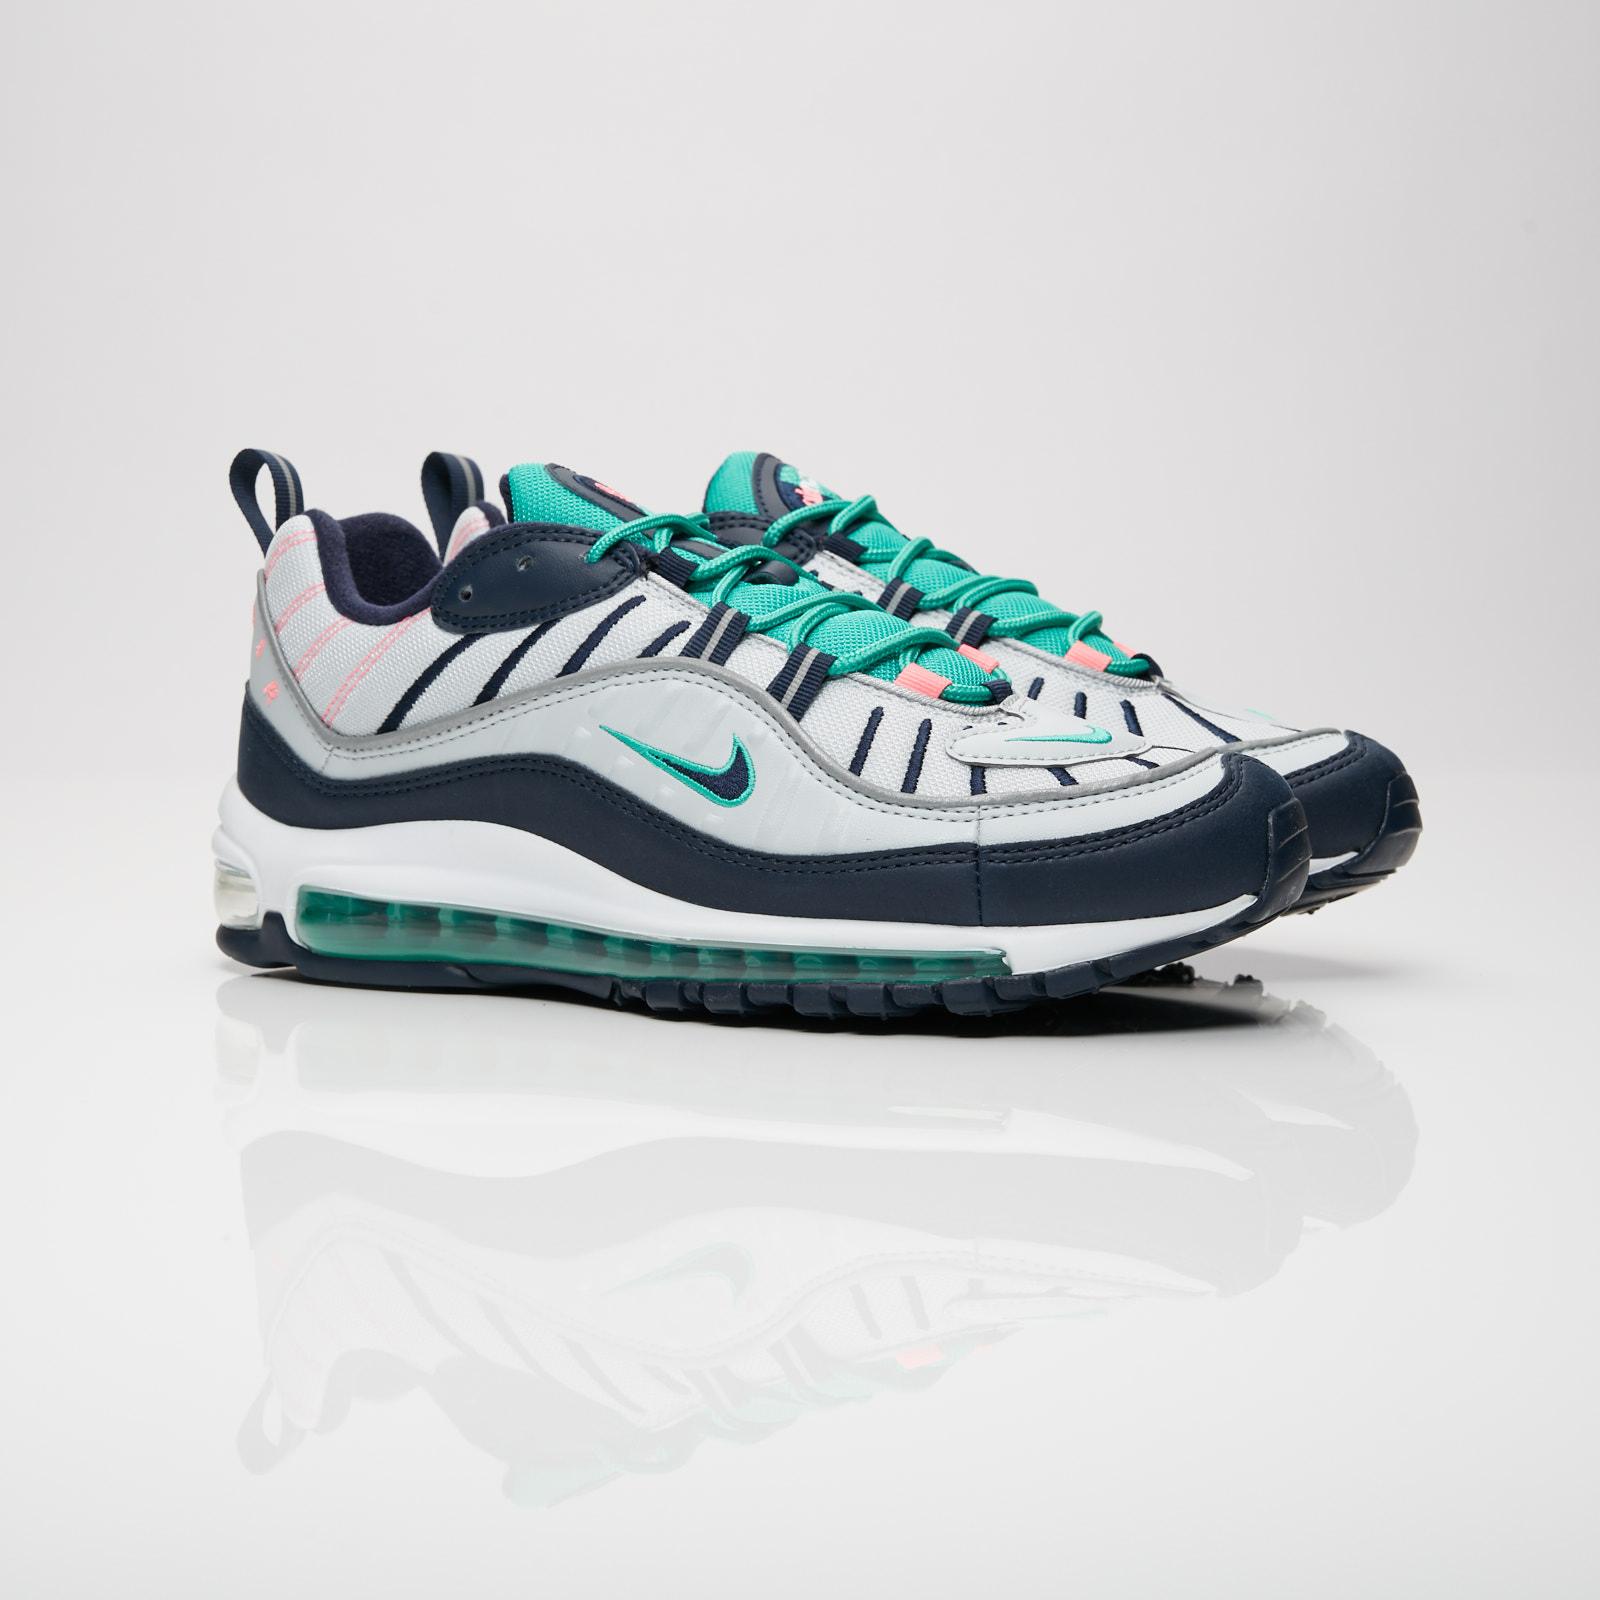 4d8b00ec7e Nike Air Max 98 - 640744-005 - Sneakersnstuff | sneakers ...